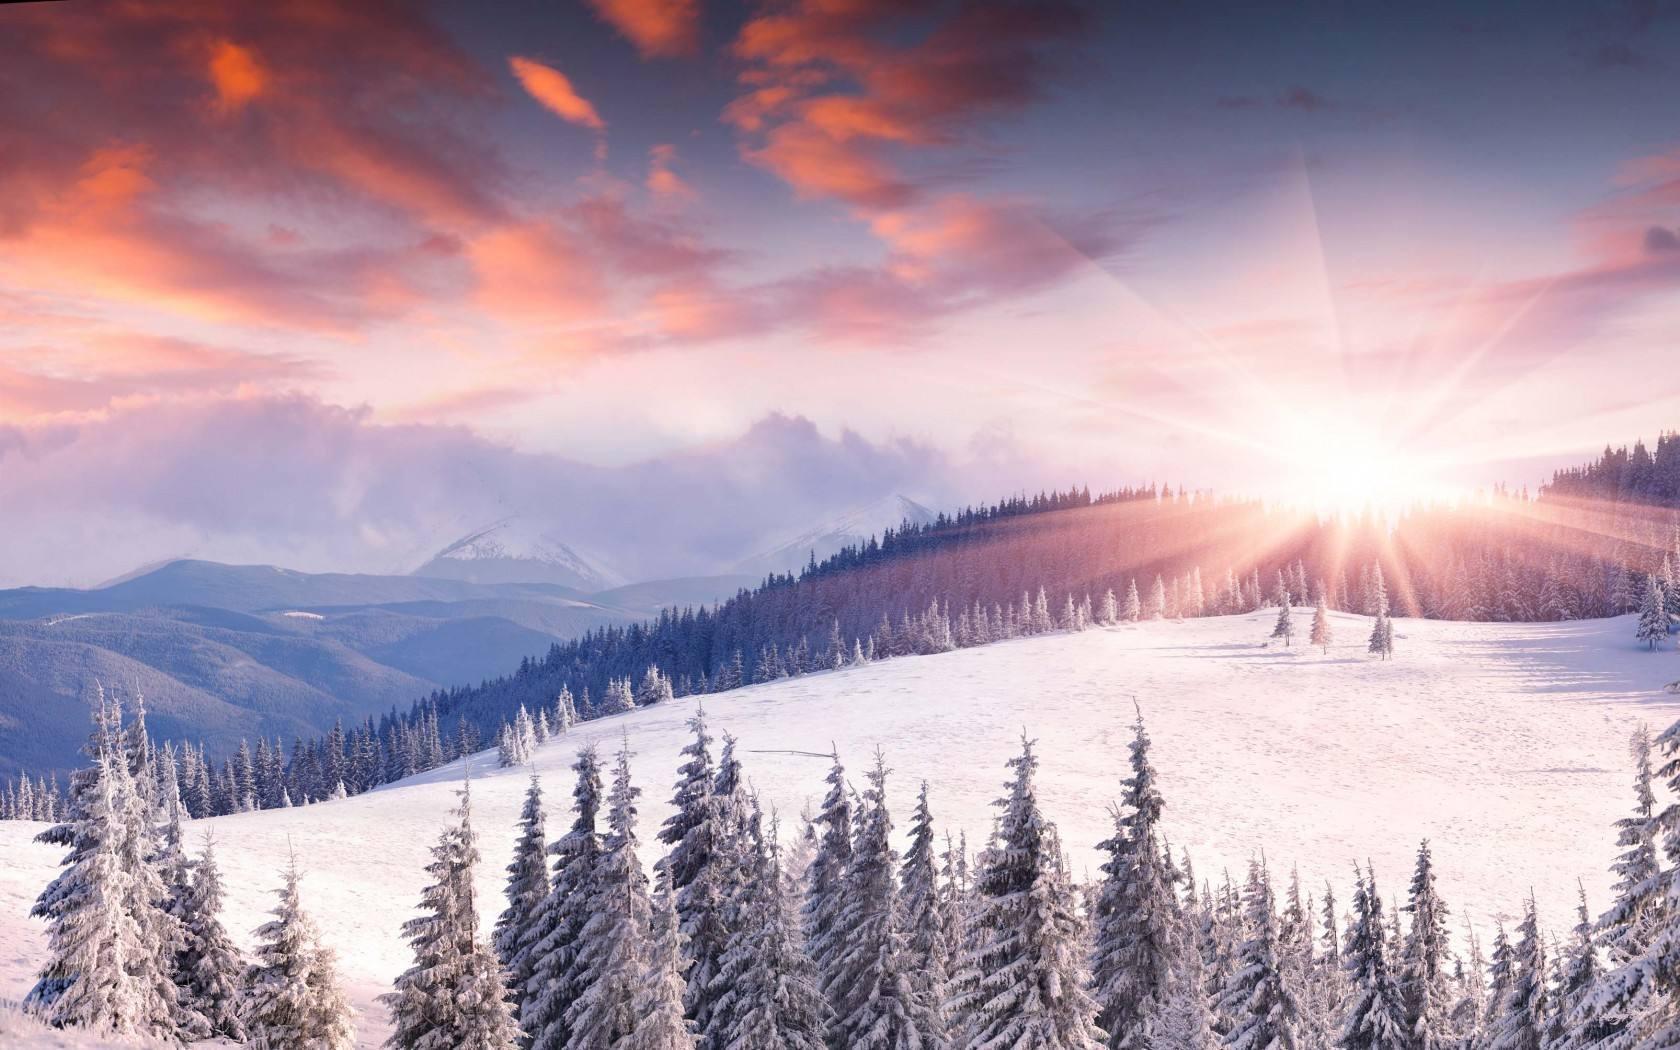 冬日里的一抹暖阳散文